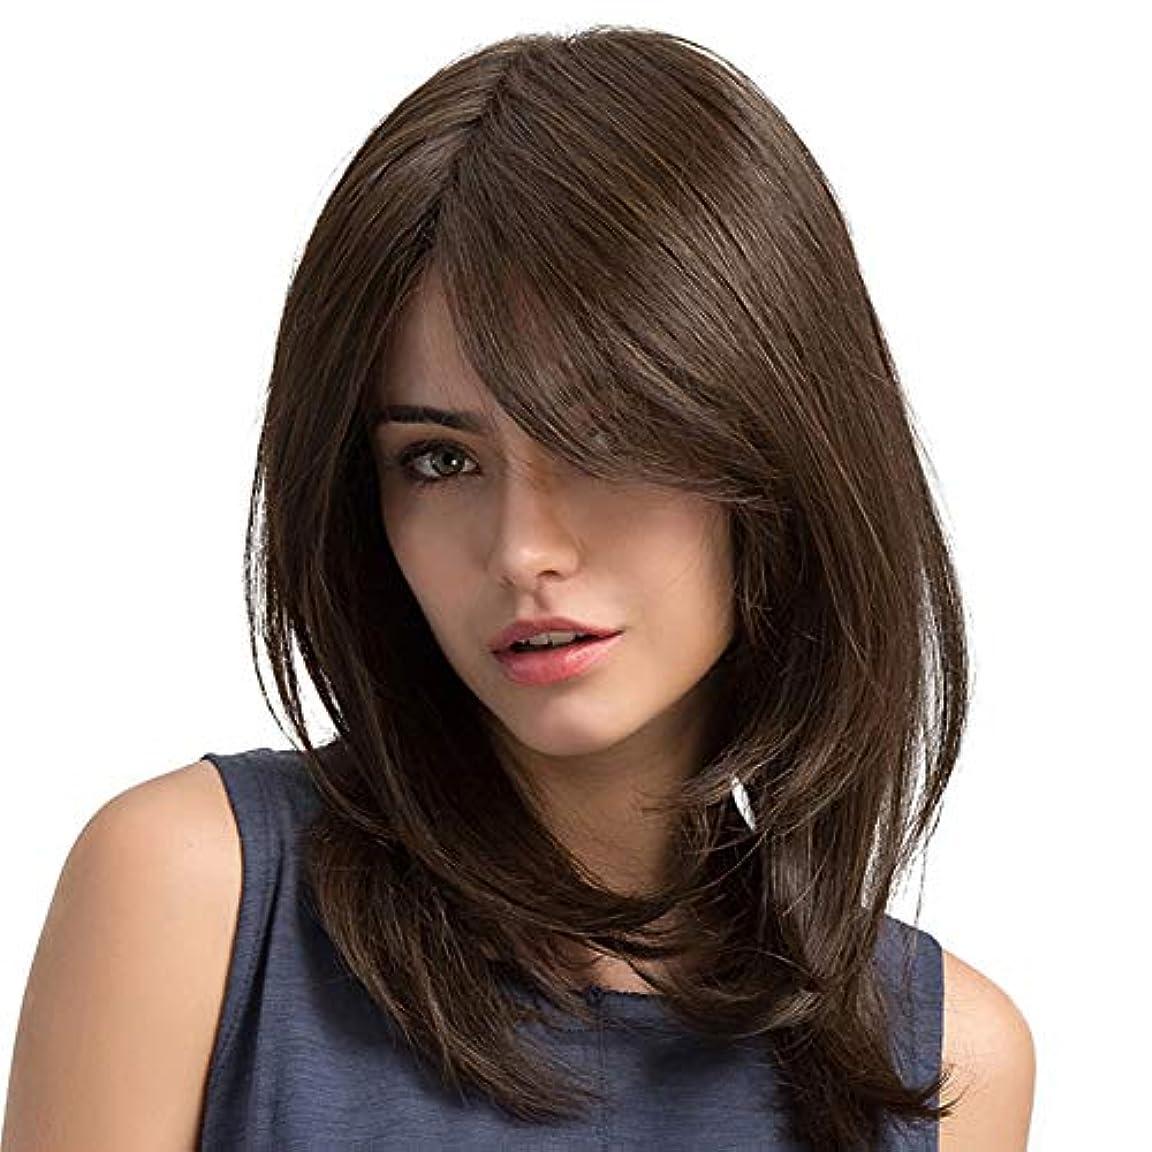 期間西戦略ファッションかつら 茶色 波状の髪 合成ウィッグ 耐熱性